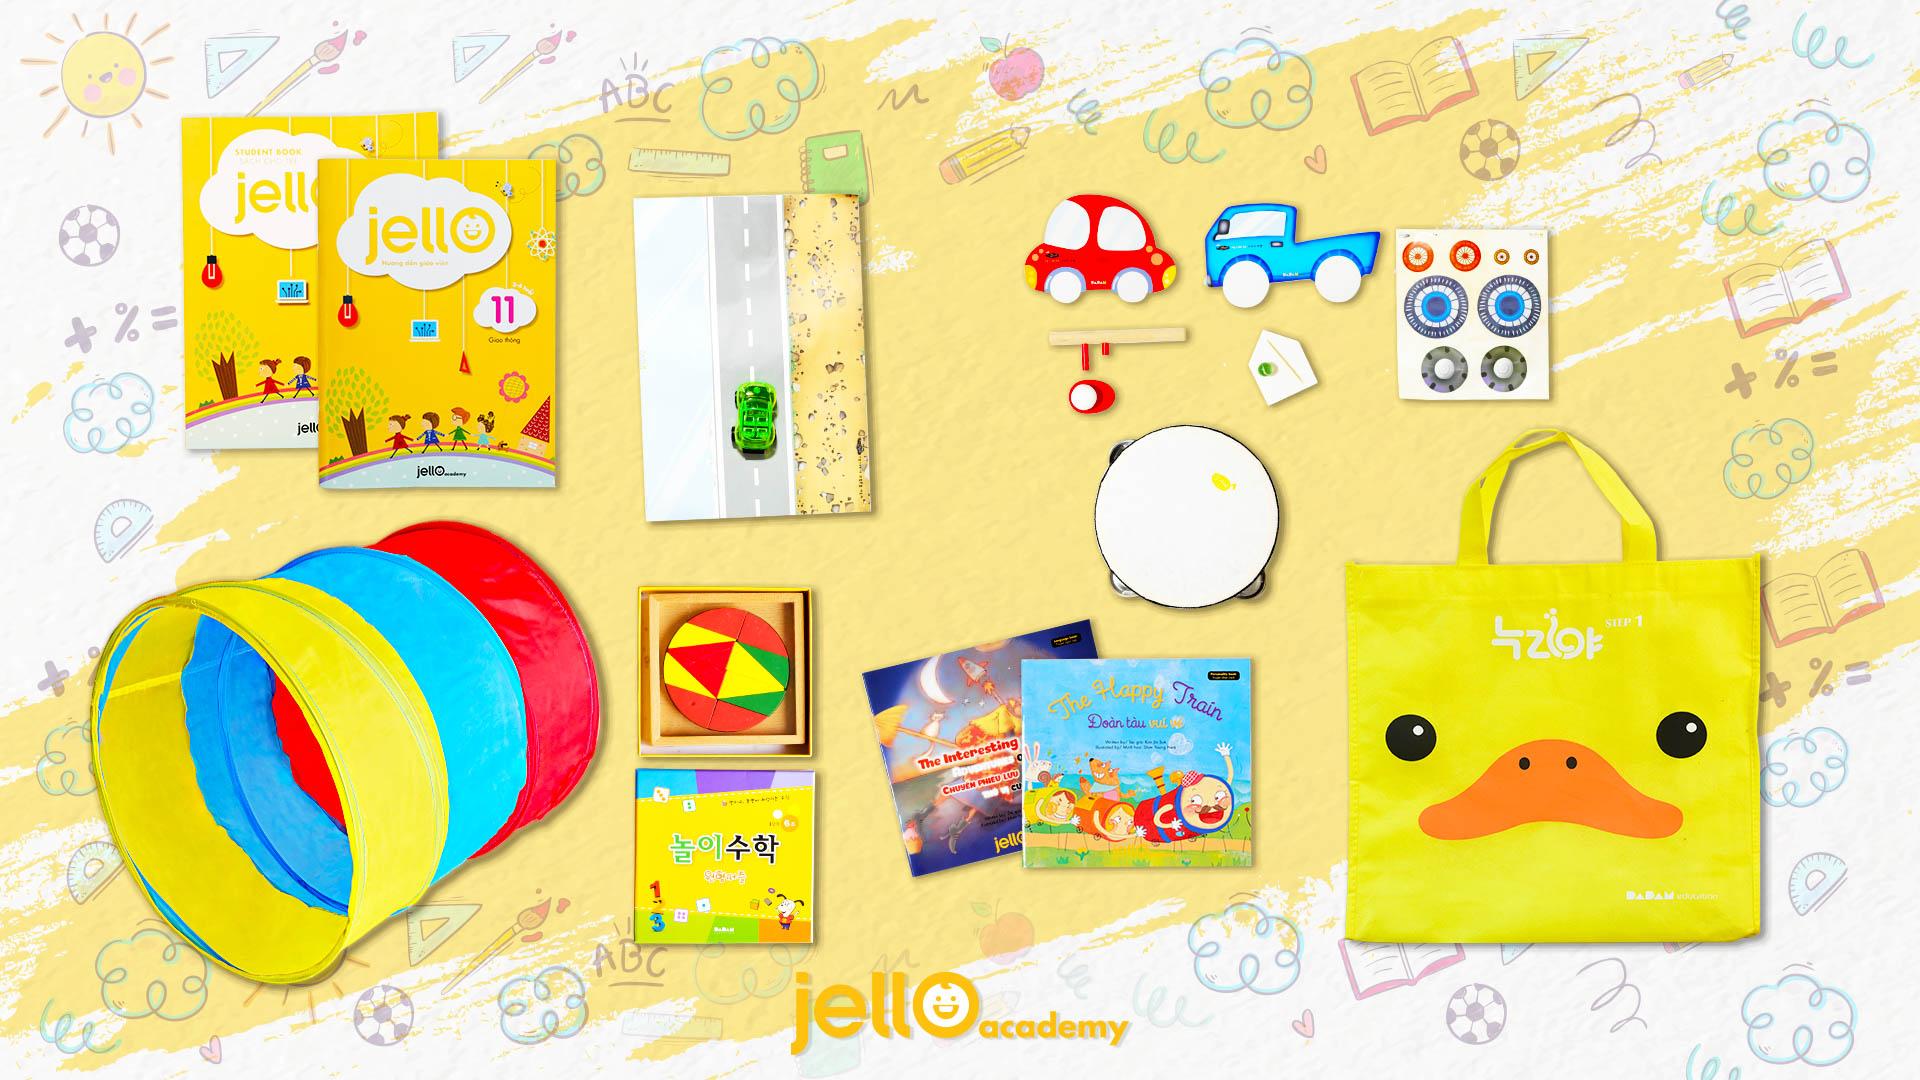 Bộ học cụ Jello - 3 Tuổi - Tháng 11